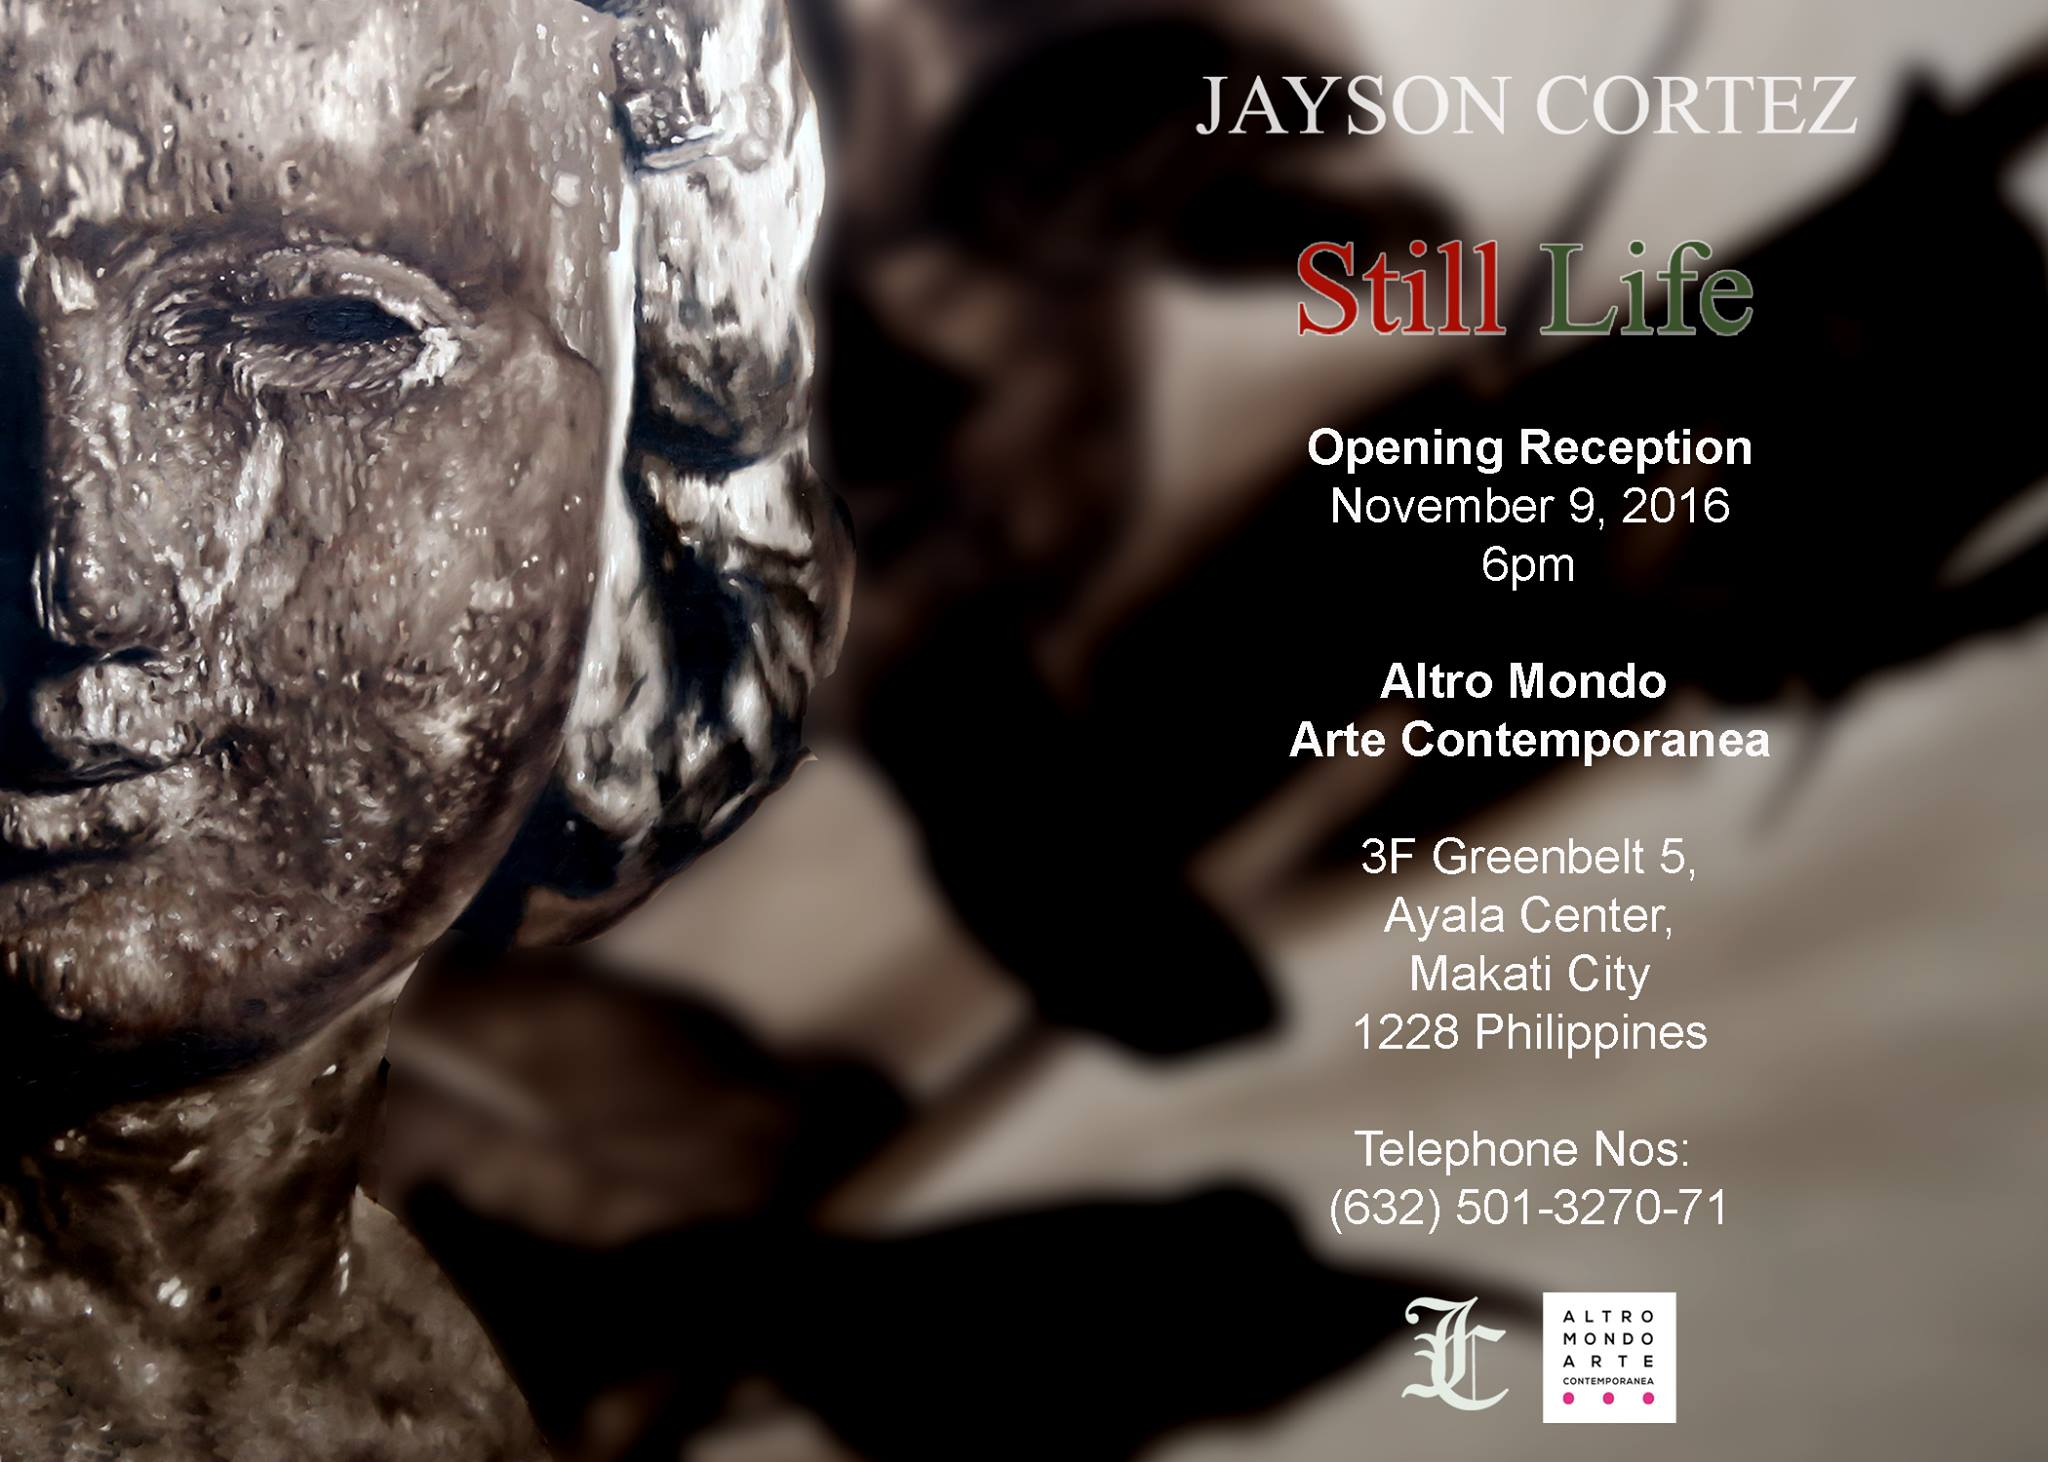 jayson-cortez-still-life-arte-contemporanea